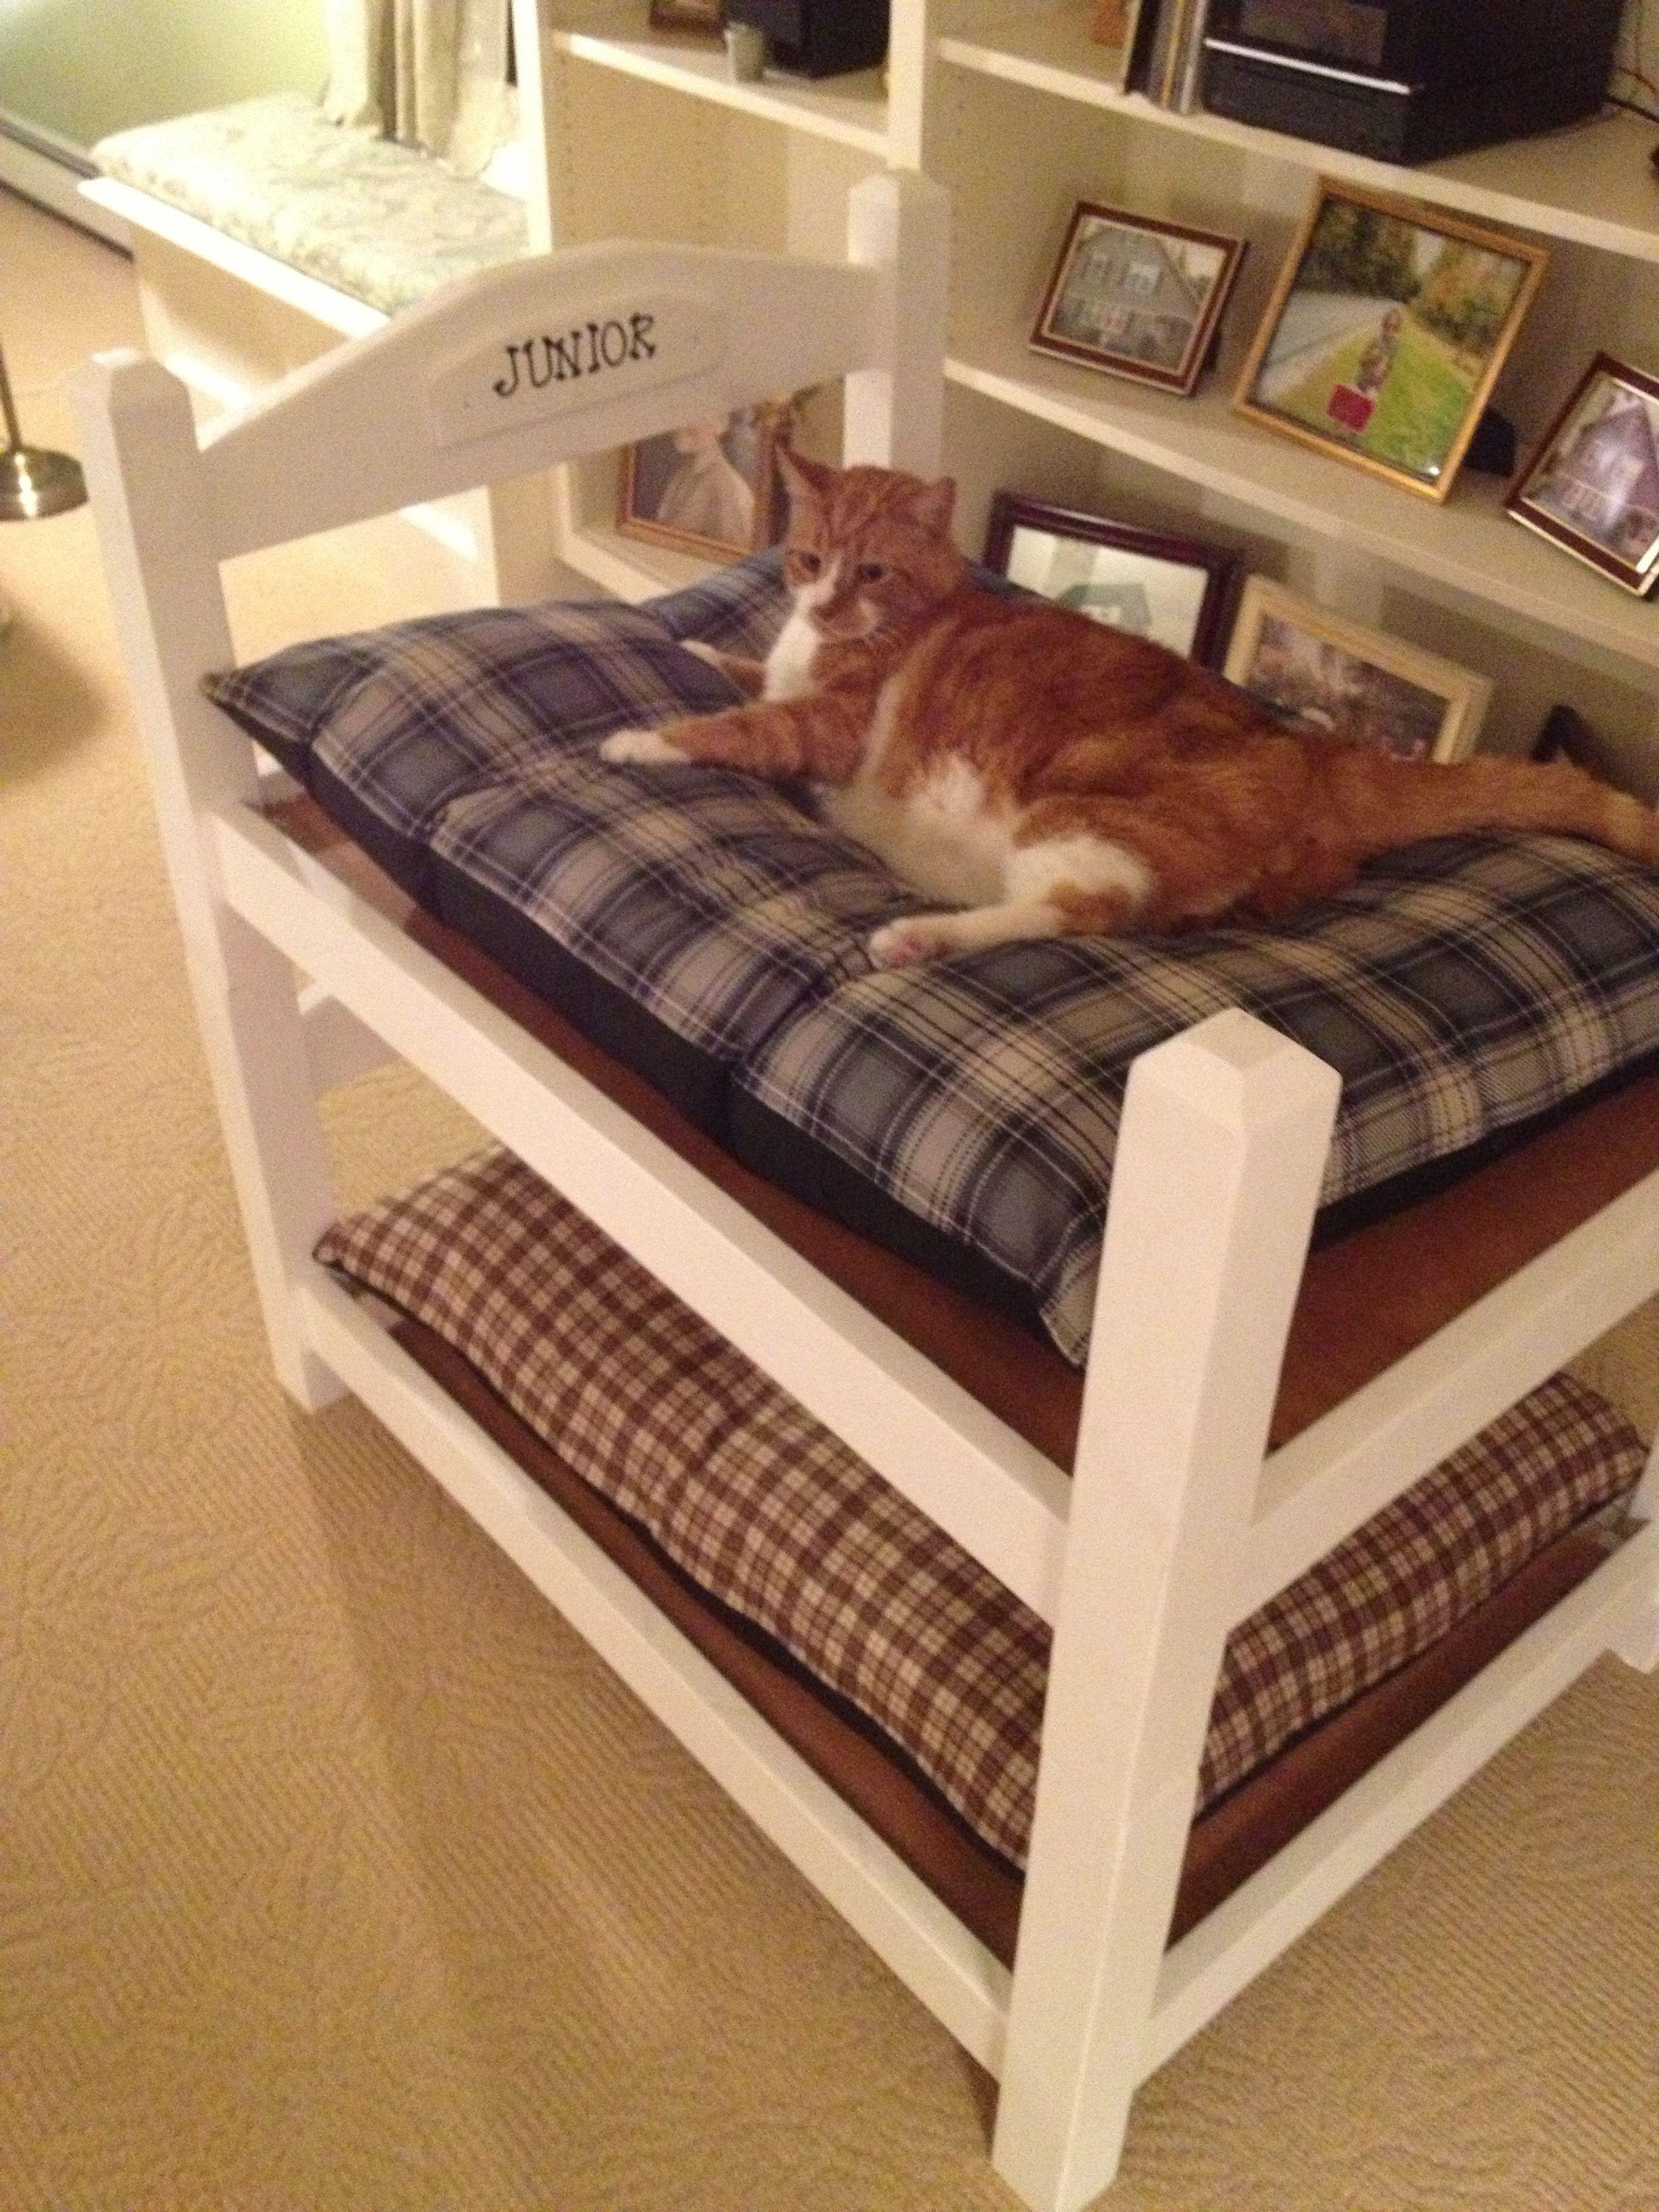 фотоаппаратом, кроватки для кошек фото сказал что надо